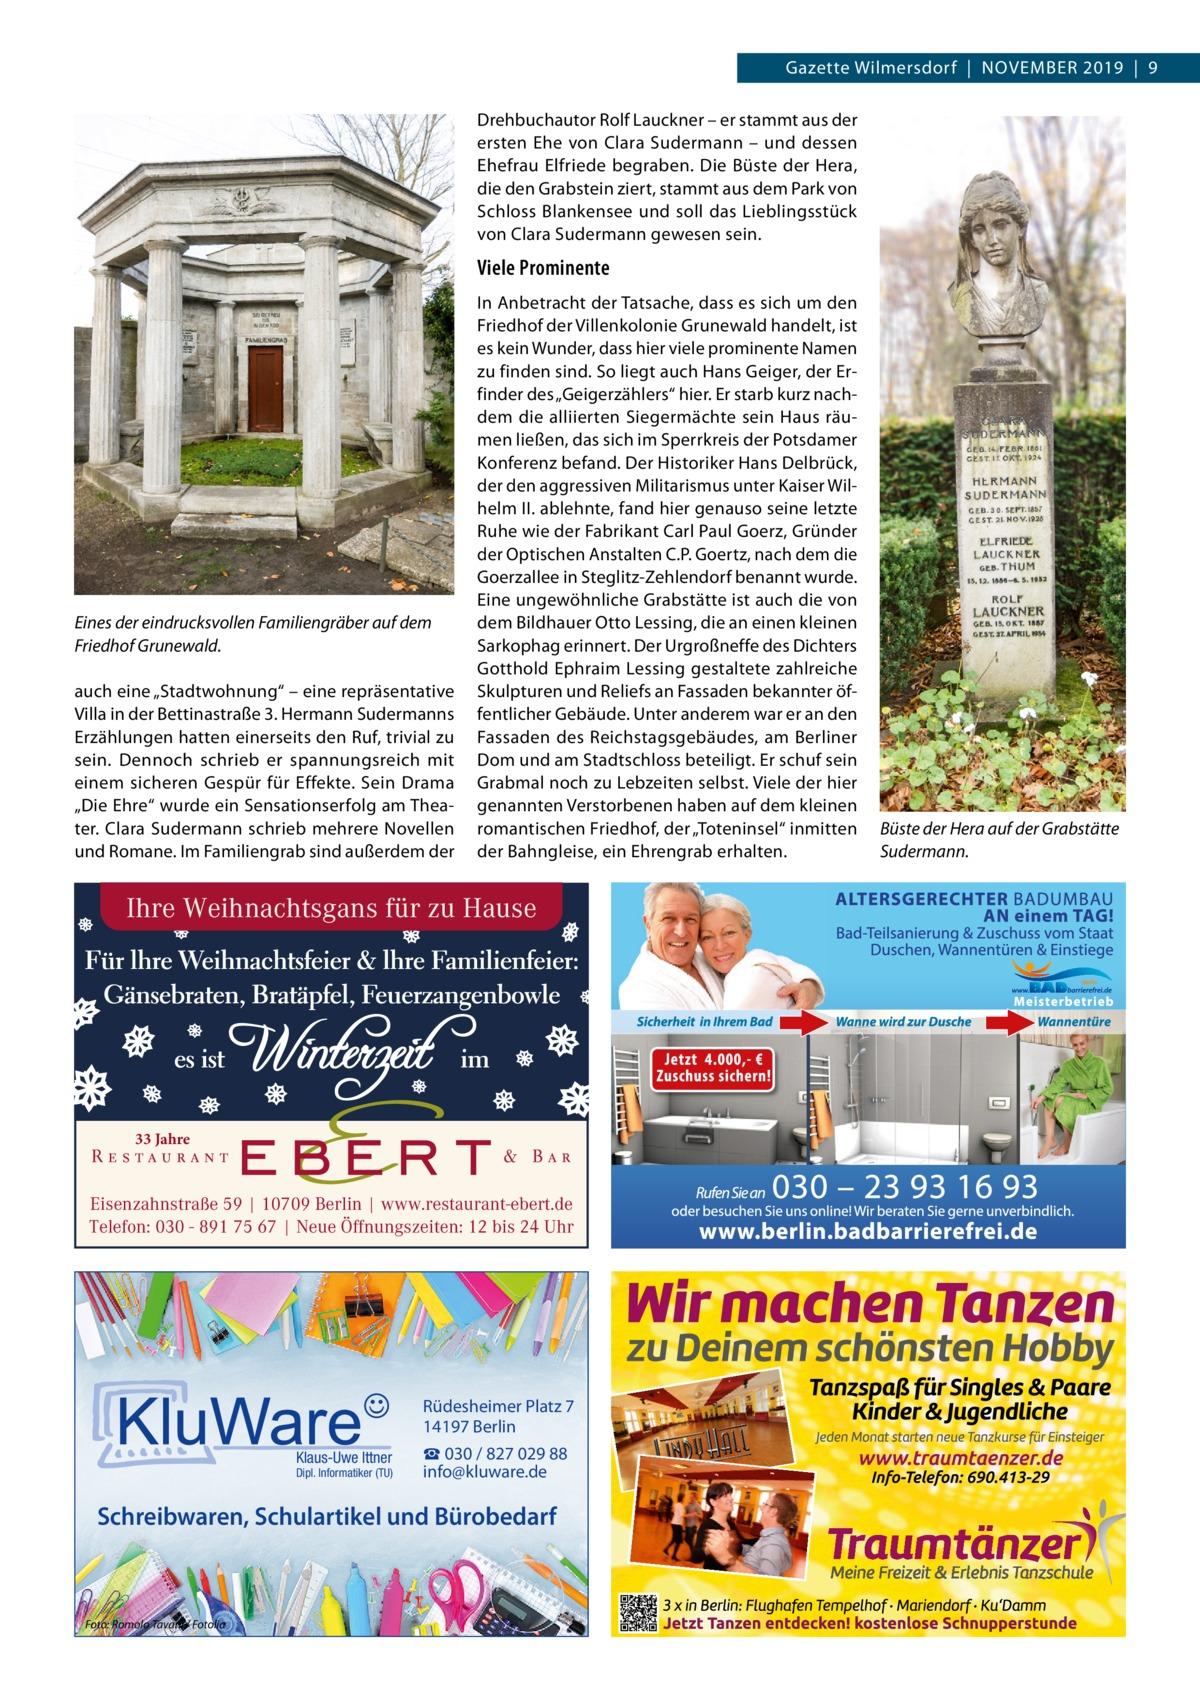 """Gazette Wilmersdorf November 2019 9 Drehbuchautor rolf Lauckner – er stammt aus der ersten ehe von Clara Sudermann – und dessen ehefrau elfriede begraben. Die büste der Hera, die den Grabstein ziert, stammt aus dem Park von Schloss blankensee und soll das Lieblingsstück von Clara Sudermann gewesen sein.  Viele Prominente  Eines der eindrucksvollen Familiengräber auf dem Friedhof Grunewald. auch eine """"Stadtwohnung"""" – eine repräsentative villa in der bettinastraße3. Hermann Sudermanns erzählungen hatten einerseits den ruf, trivial zu sein. Dennoch schrieb er spannungsreich mit einem sicheren Gespür für effekte. Sein Drama """"Die ehre"""" wurde ein Sensationserfolg am Theater. Clara Sudermann schrieb mehrere Novellen und romane. Im Familiengrab sind außerdem der  In Anbetracht der Tatsache, dass es sich um den Friedhof der villenkolonie Grunewald handelt, ist es kein Wunder, dass hier viele prominente Namen zu finden sind. So liegt auch Hans Geiger, der erfinder des """"Geigerzählers"""" hier. er starb kurz nachdem die alliierten Siegermächte sein Haus räumen ließen, das sich im Sperrkreis der Potsdamer Konferenz befand. Der Historiker Hans Delbrück, der den aggressiven militarismus unter Kaiser WilhelmII. ablehnte, fand hier genauso seine letzte ruhe wie der Fabrikant Carl Paul Goerz, Gründer der optischen Anstalten C.P.Goertz, nach dem die Goerzallee in Steglitz-Zehlendorf benannt wurde. eine ungewöhnliche Grabstätte ist auch die von dem bildhauer otto Lessing, die an einen kleinen Sarkophag erinnert. Der Urgroßneffe des Dichters Gotthold ephraim Lessing gestaltete zahlreiche Skulpturen und reliefs an Fassaden bekannter öffentlicher Gebäude. Unter anderem war er an den Fassaden des reichstagsgebäudes, am berliner Dom und am Stadtschloss beteiligt. er schuf sein Grabmal noch zu Lebzeiten selbst. viele der hier genannten verstorbenen haben auf dem kleinen romantischen Friedhof, der """"Toteninsel"""" inmitten der bahngleise, ein ehrengrab erhalten.  Ihre Weihnachtsgans für zu Hause  33"""